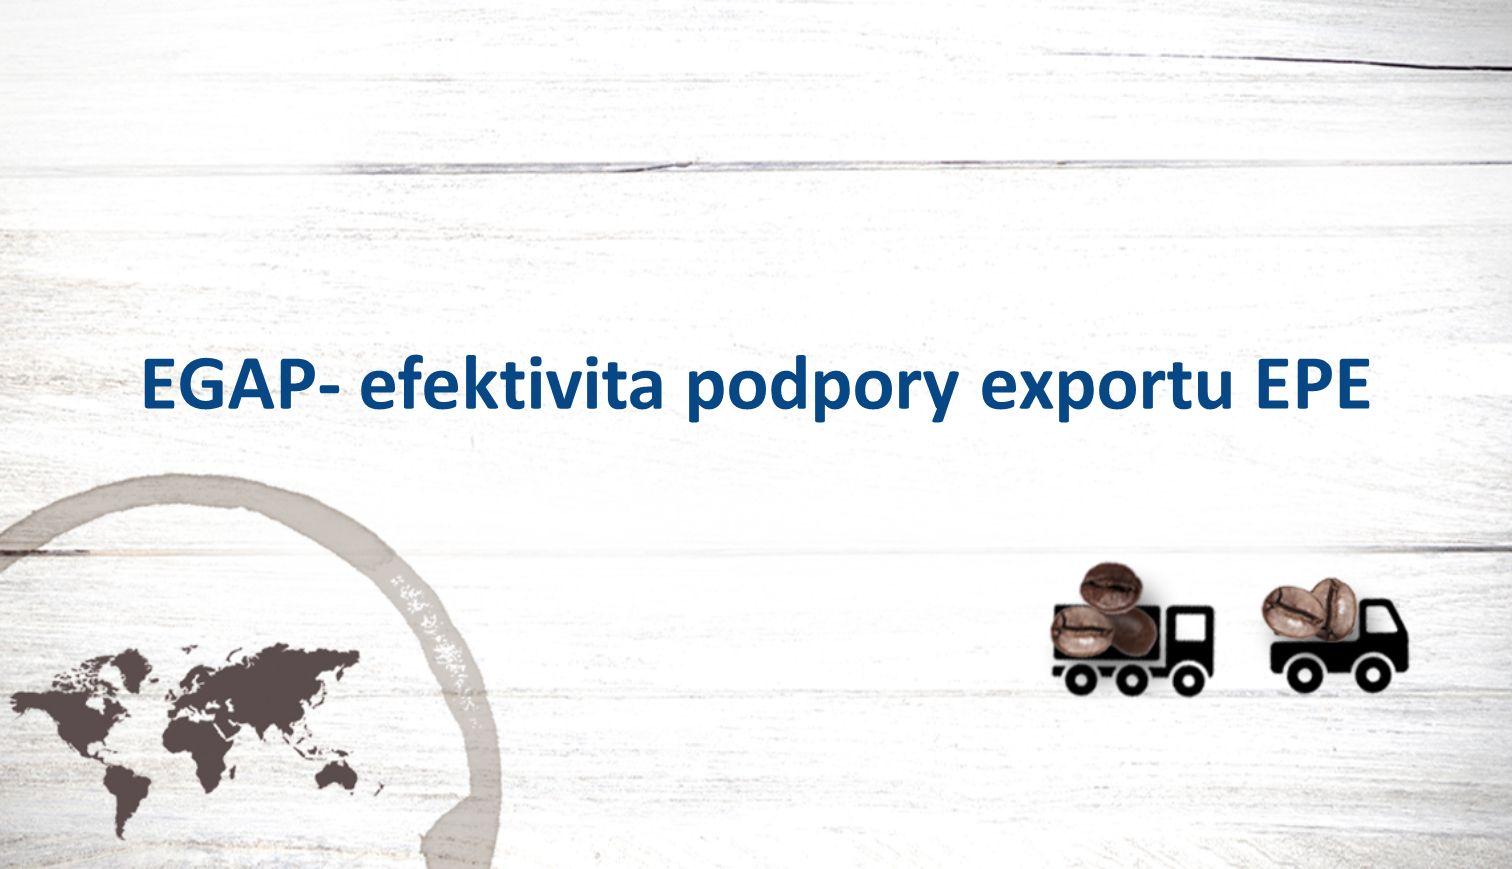 EGAP a EPE/Efektivita podpory exportu Nutnost vyhodnocování efektivity státní podpory exportu Výnosy pro stát musí být vyšší než rizika